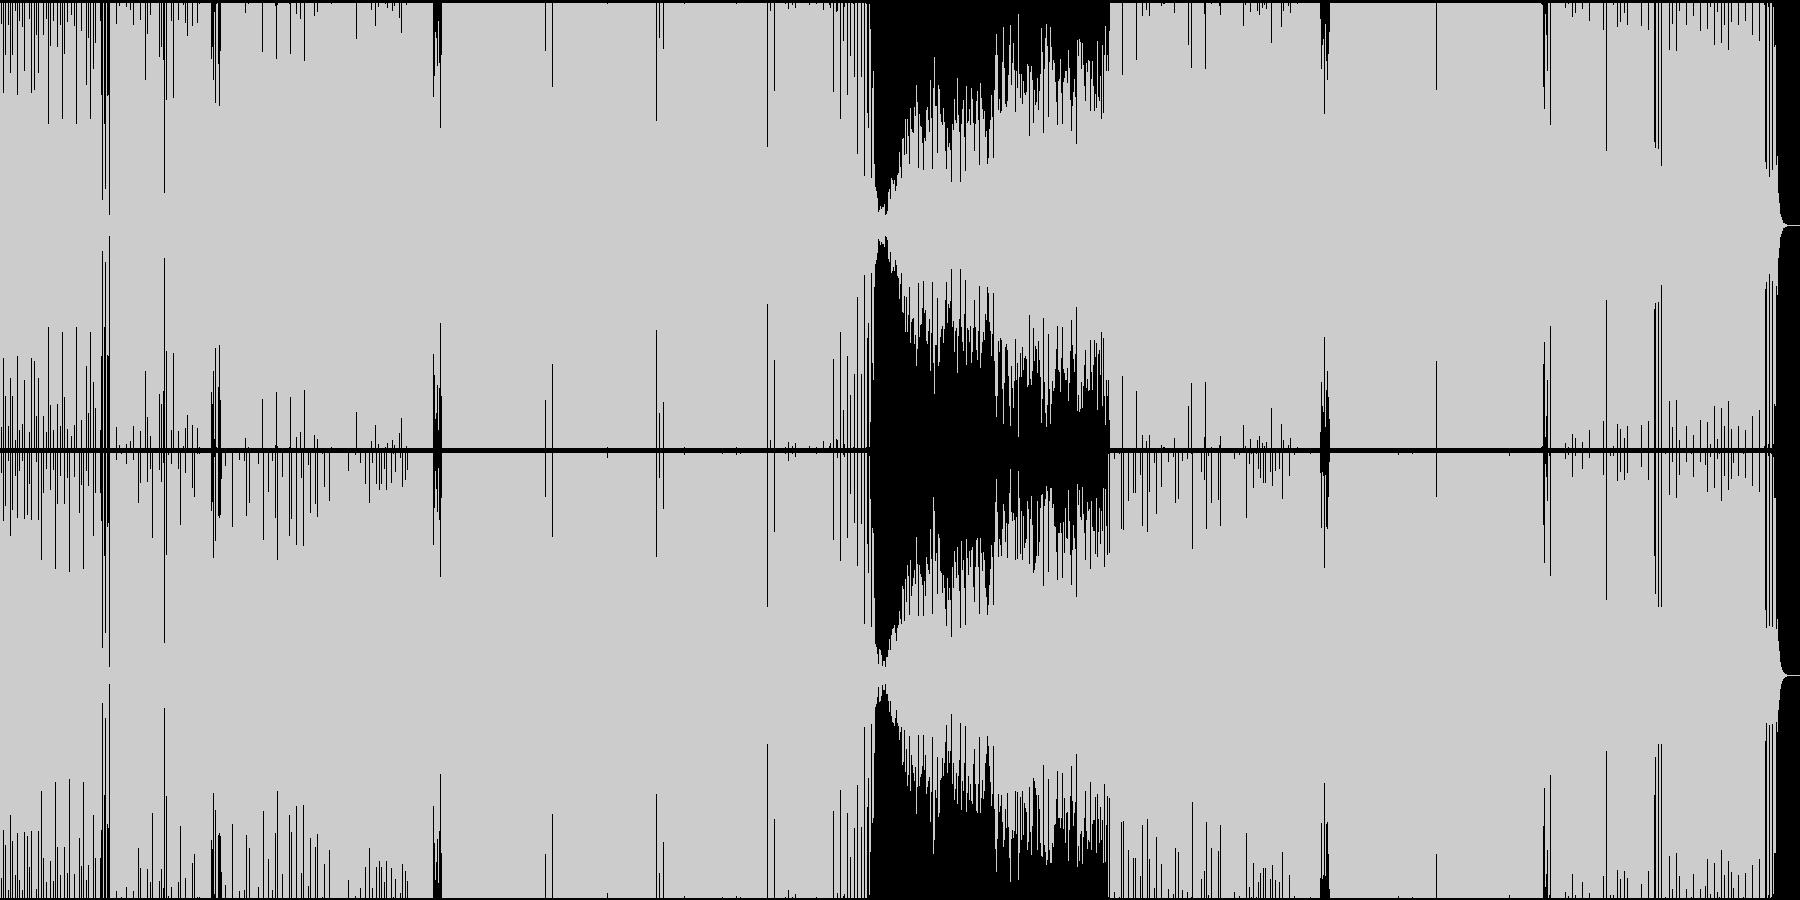 相撲ダンス(リミックス)の未再生の波形